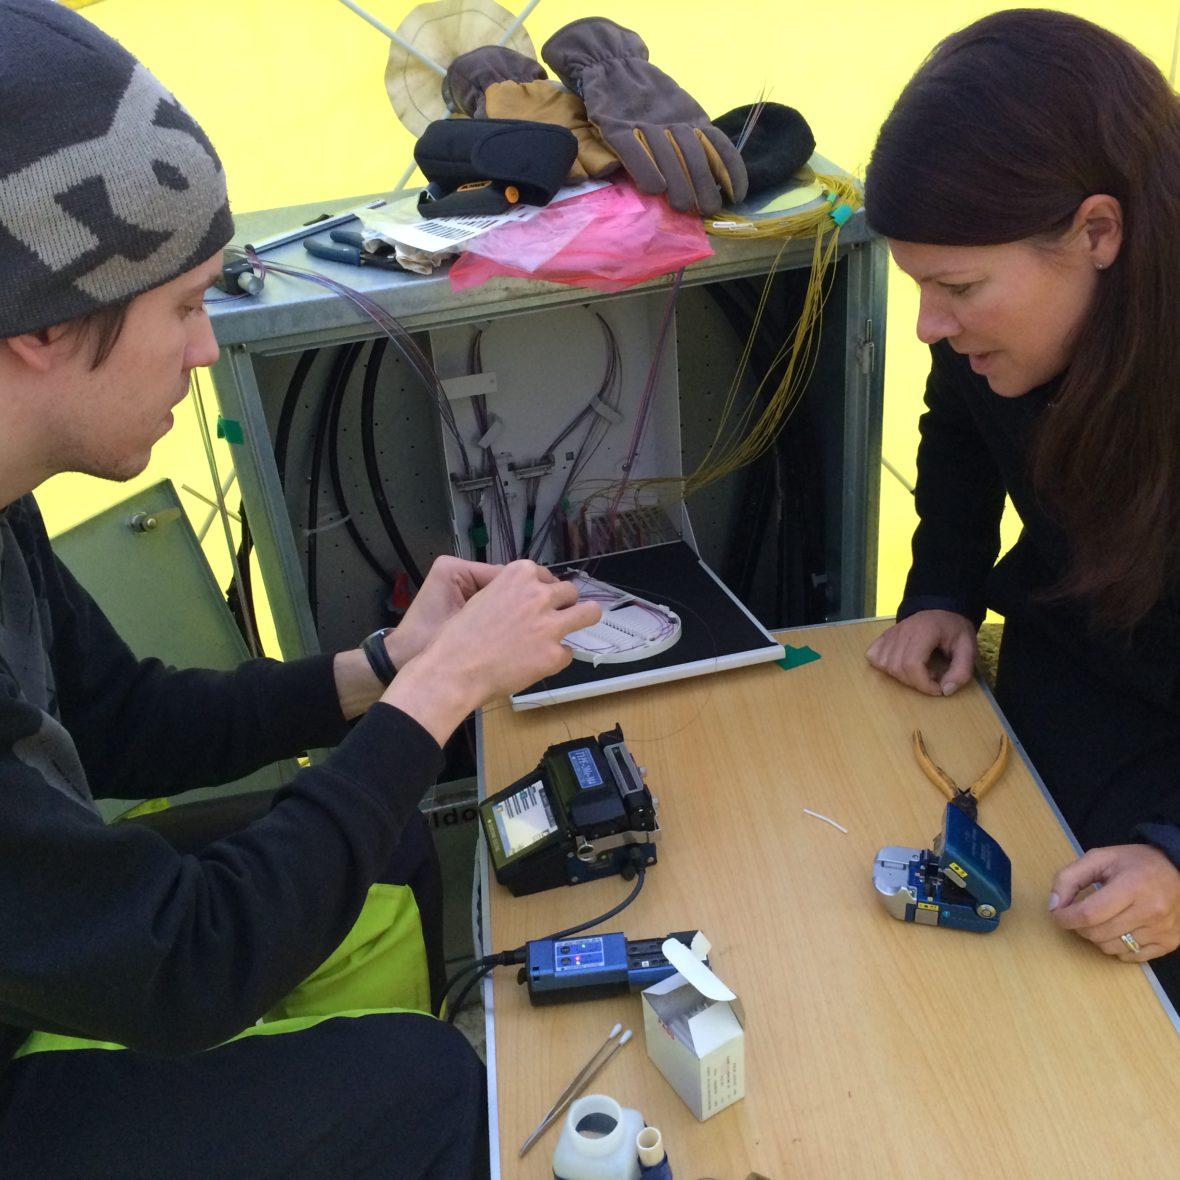 il och Kajsa studerar fibersvetsning.